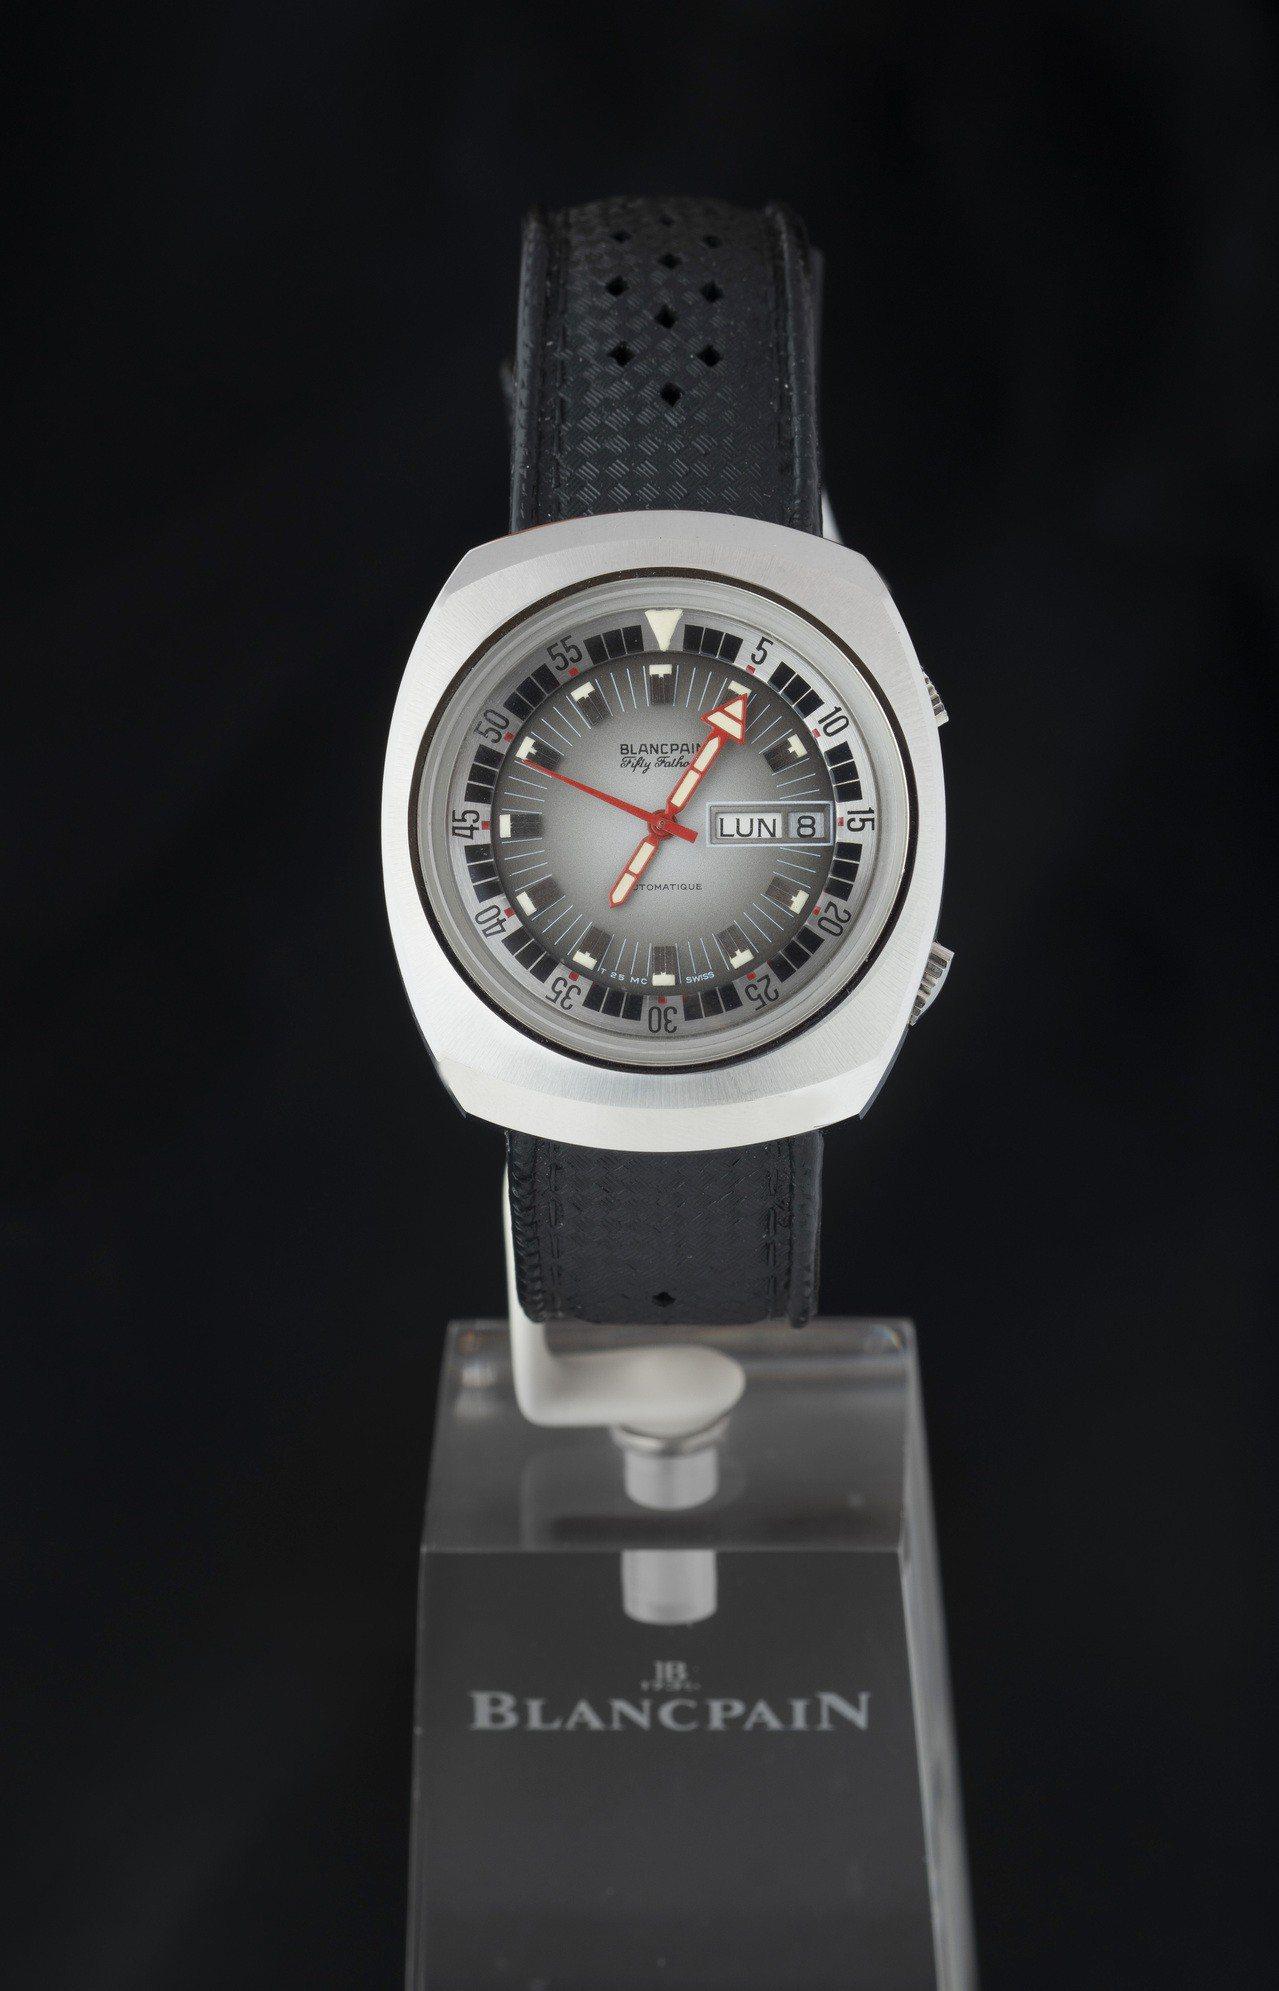 現場亦會展出七〇年代五十噚腕表,帶有復古的鮑魚形表殼、二點鐘方向表冠為調節內層表...